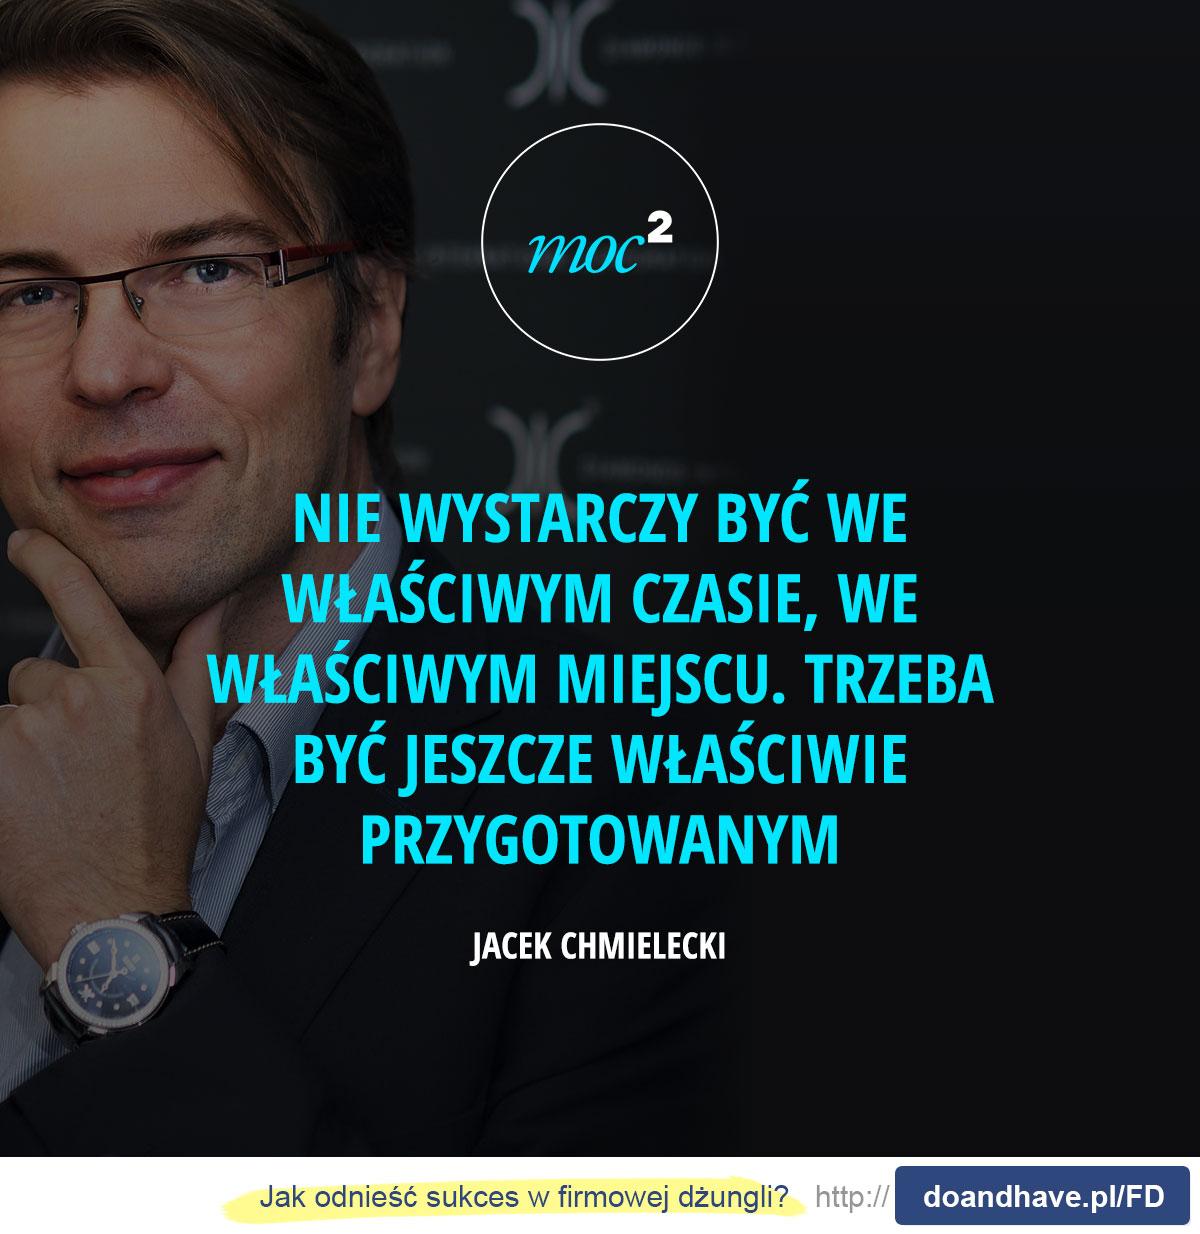 Nie wystarczy być we właściwym czasie, we właściwym miejscu. trzeba być jeszcze właściwie przygotowanym. - Jacek Chmielecki